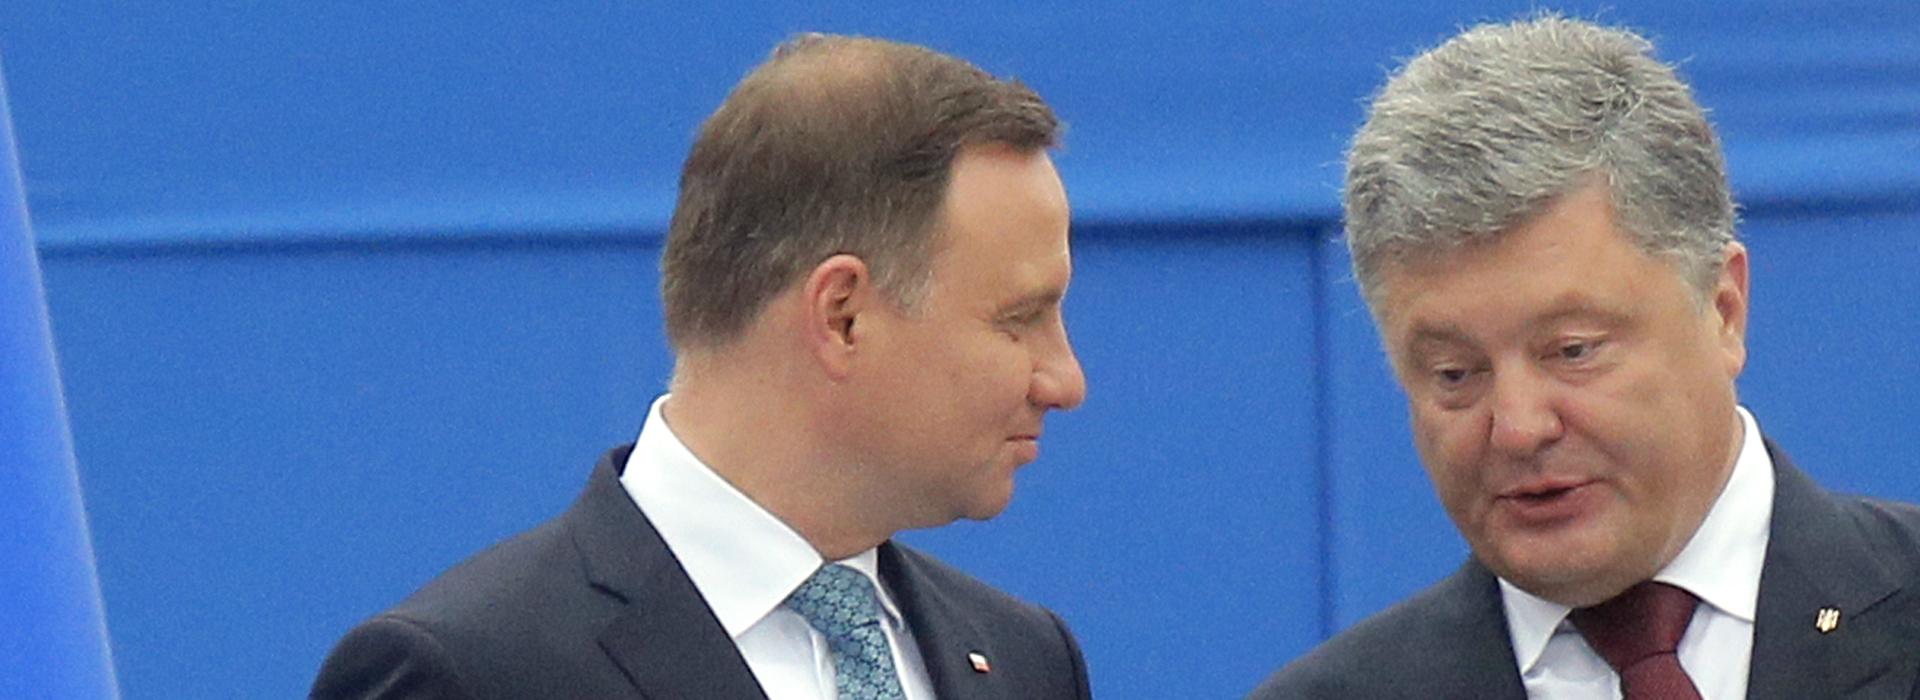 Poroszenko po spotkaniu z Andrzejem Dudą: Nie należy upolityczniać przeszłości